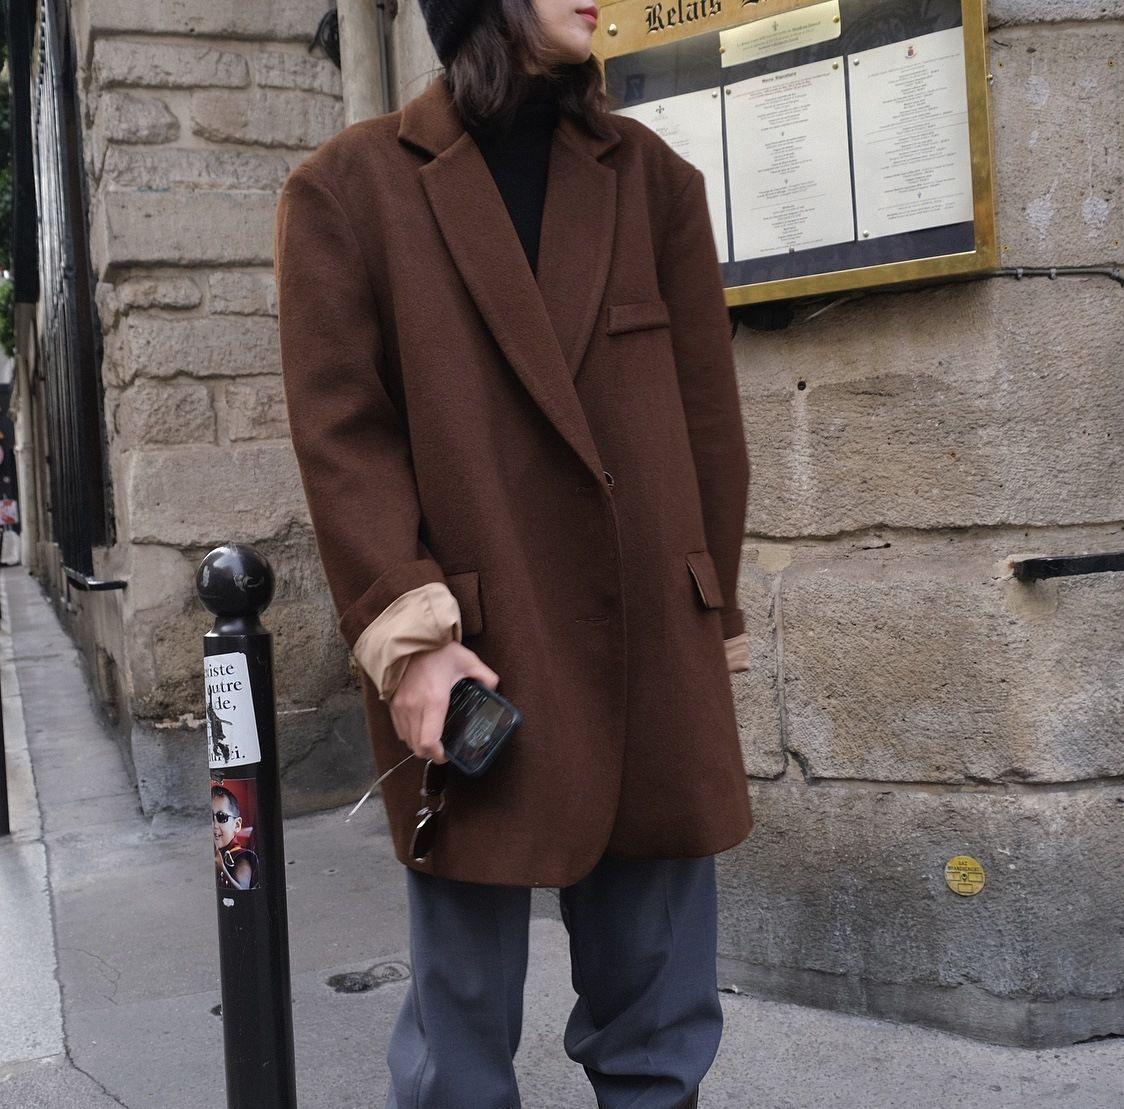 شتاء جديد الموضة الصوف الصوف كبيرة الحجم تناسب معطف فضفاض تصميم المتوسط والطويل الإناث معطف